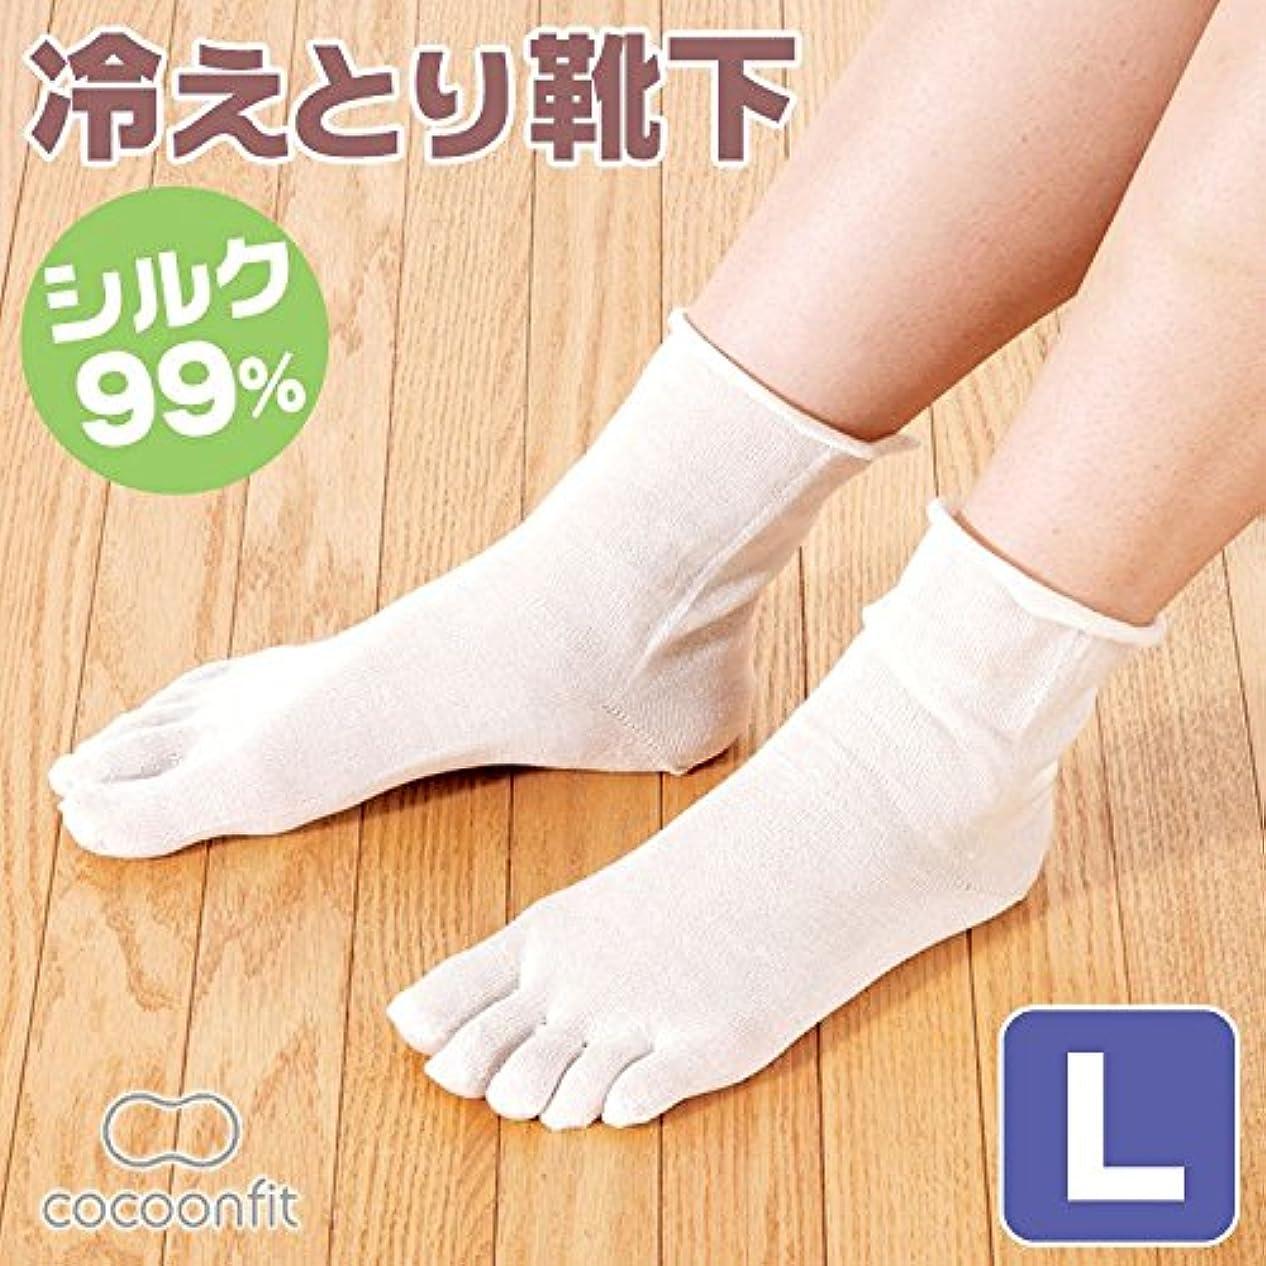 富寄付する出くわす冷え取り靴下 5本指ソックス シルク[Lサイズ:25~27cm] ※重ね履き靴下の1枚目のみ cocoonfit